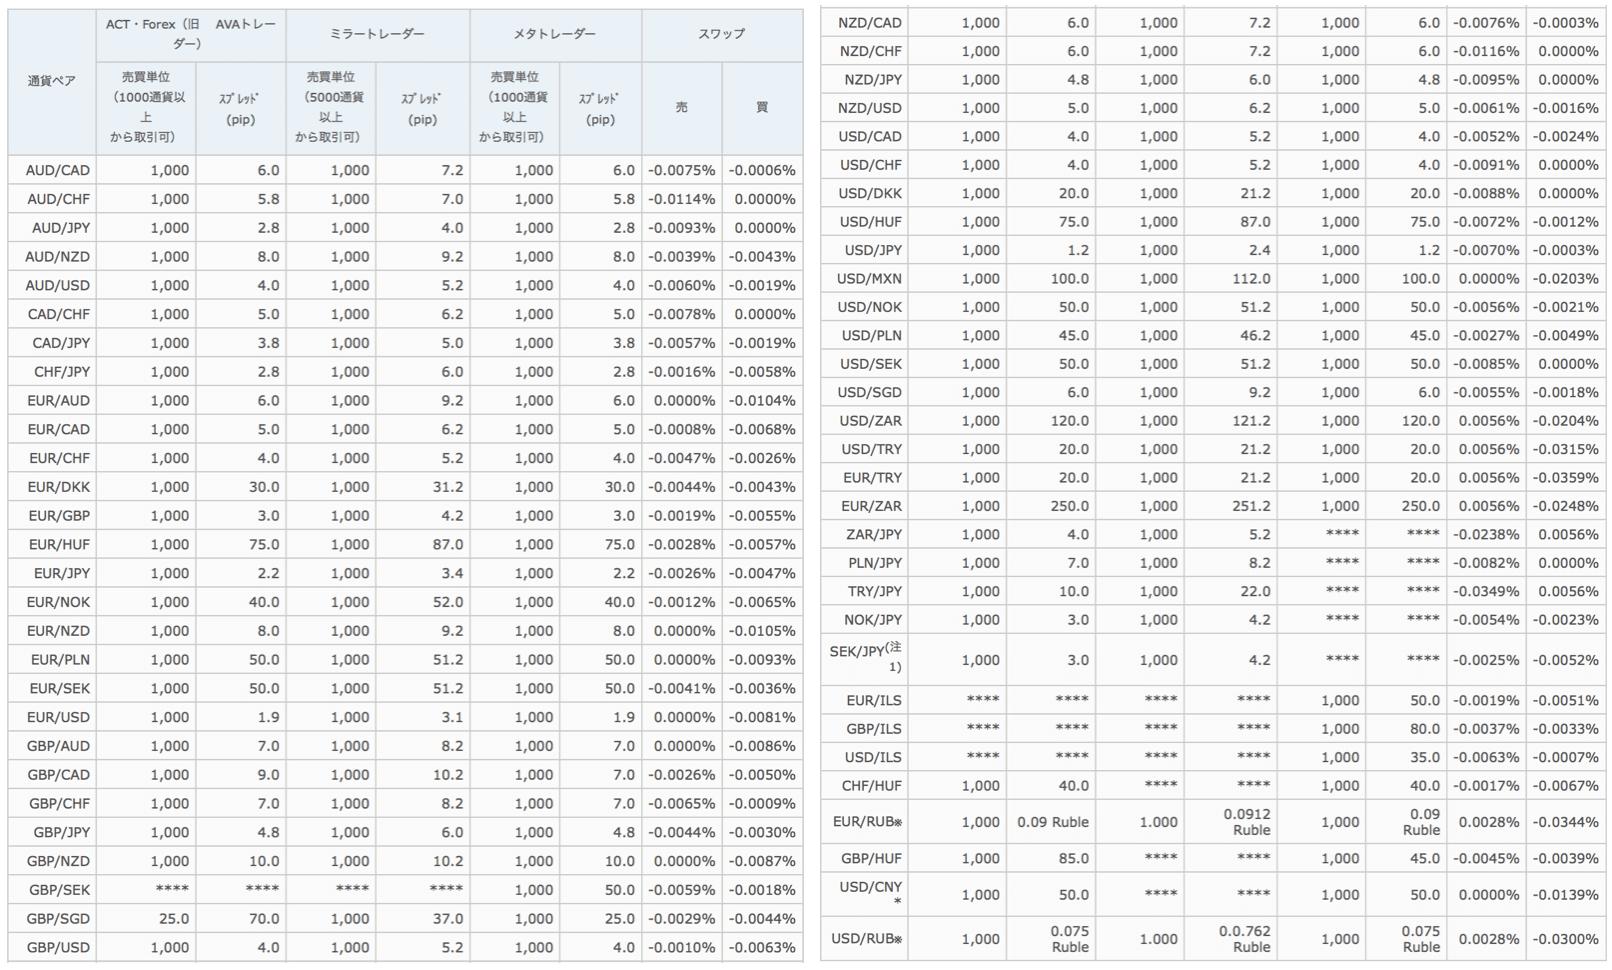 アヴァトレード・ジャパンの通貨ペア